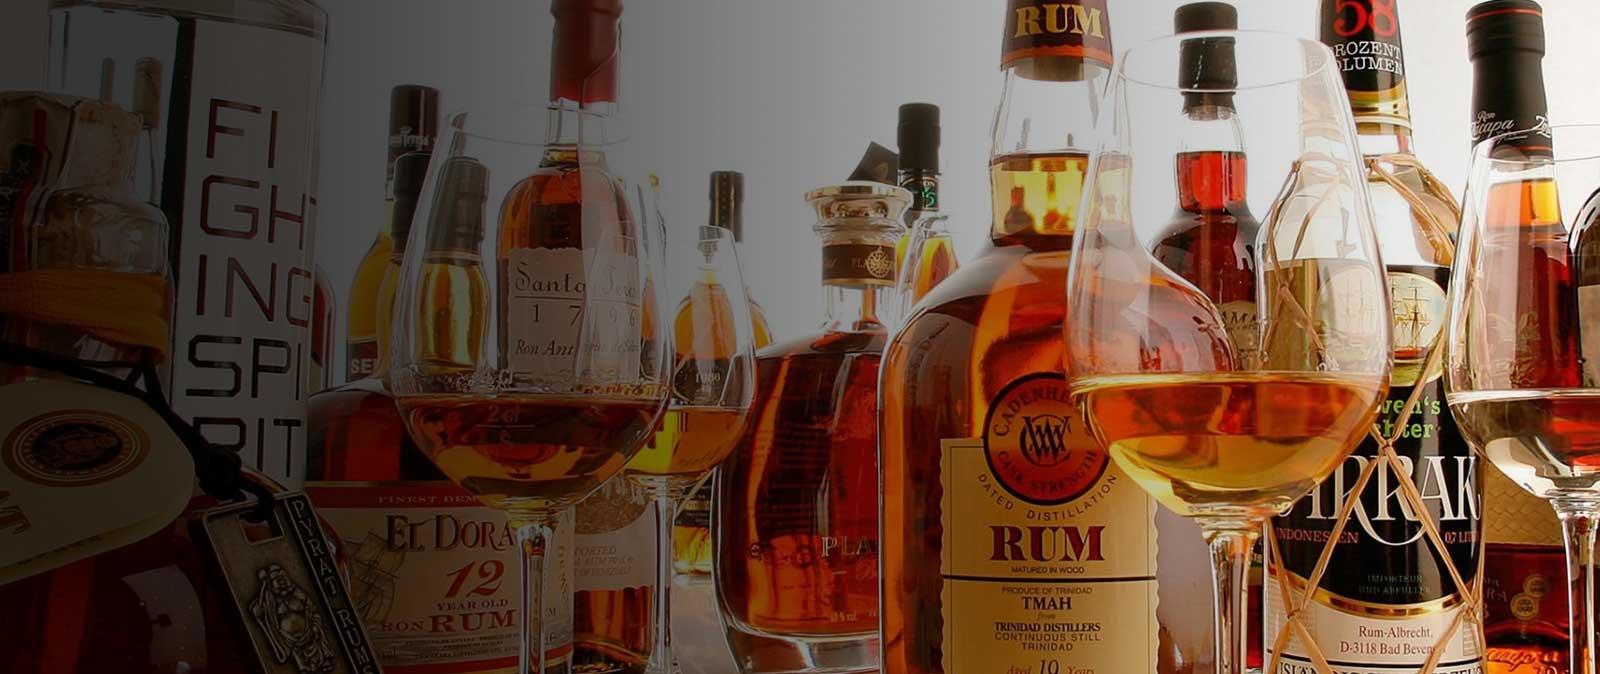 buy premium rum online australia